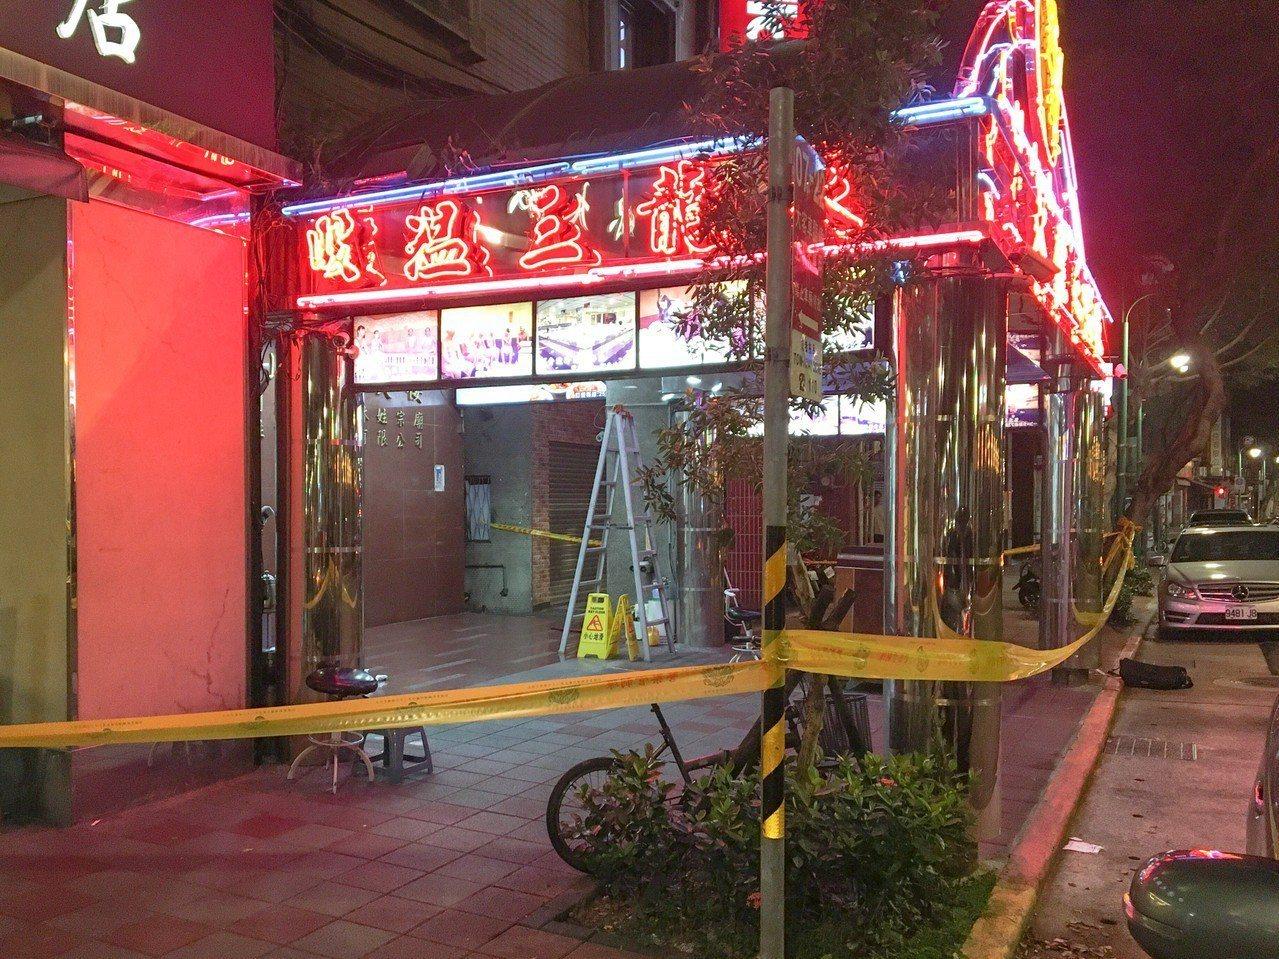 台北市天龍三溫暖昨晚發生槍案。記者蔡翼謙/攝影